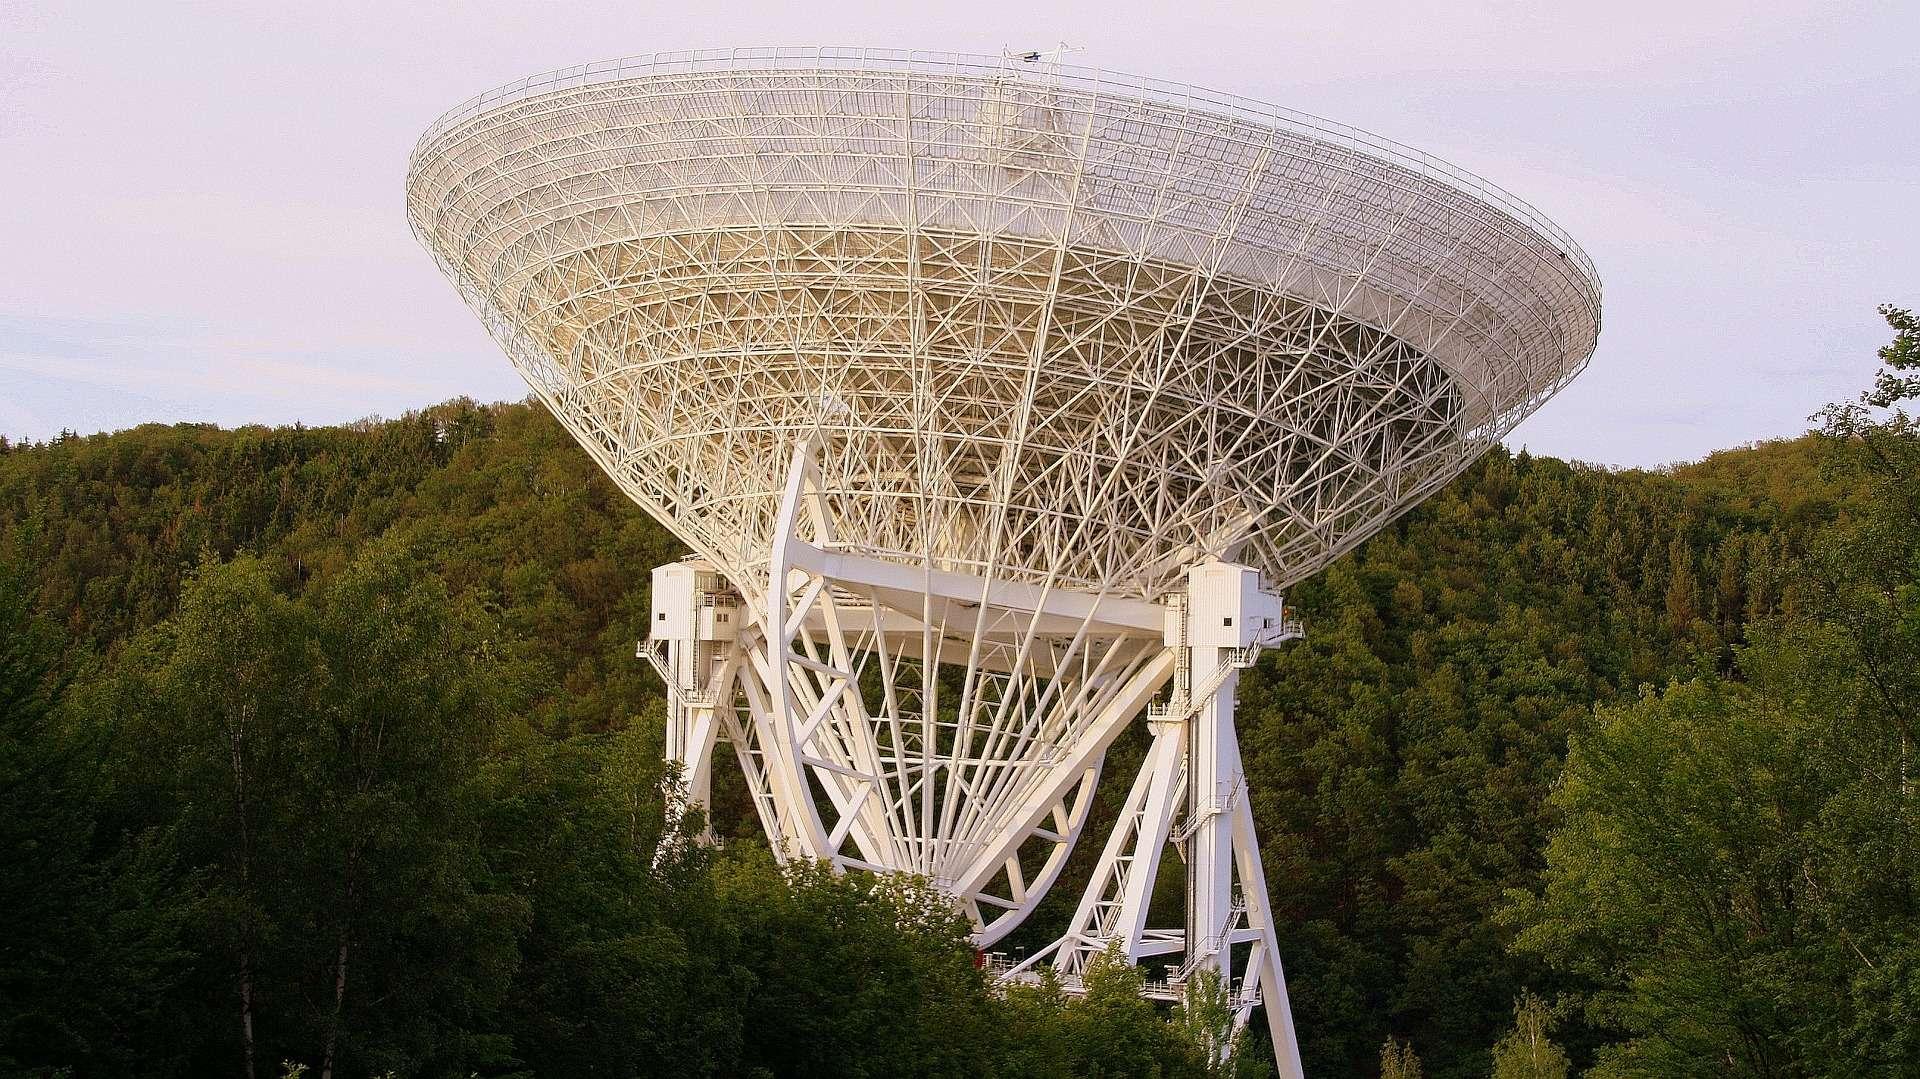 Radiotelescopio Búsqueda de vida extraterrestre